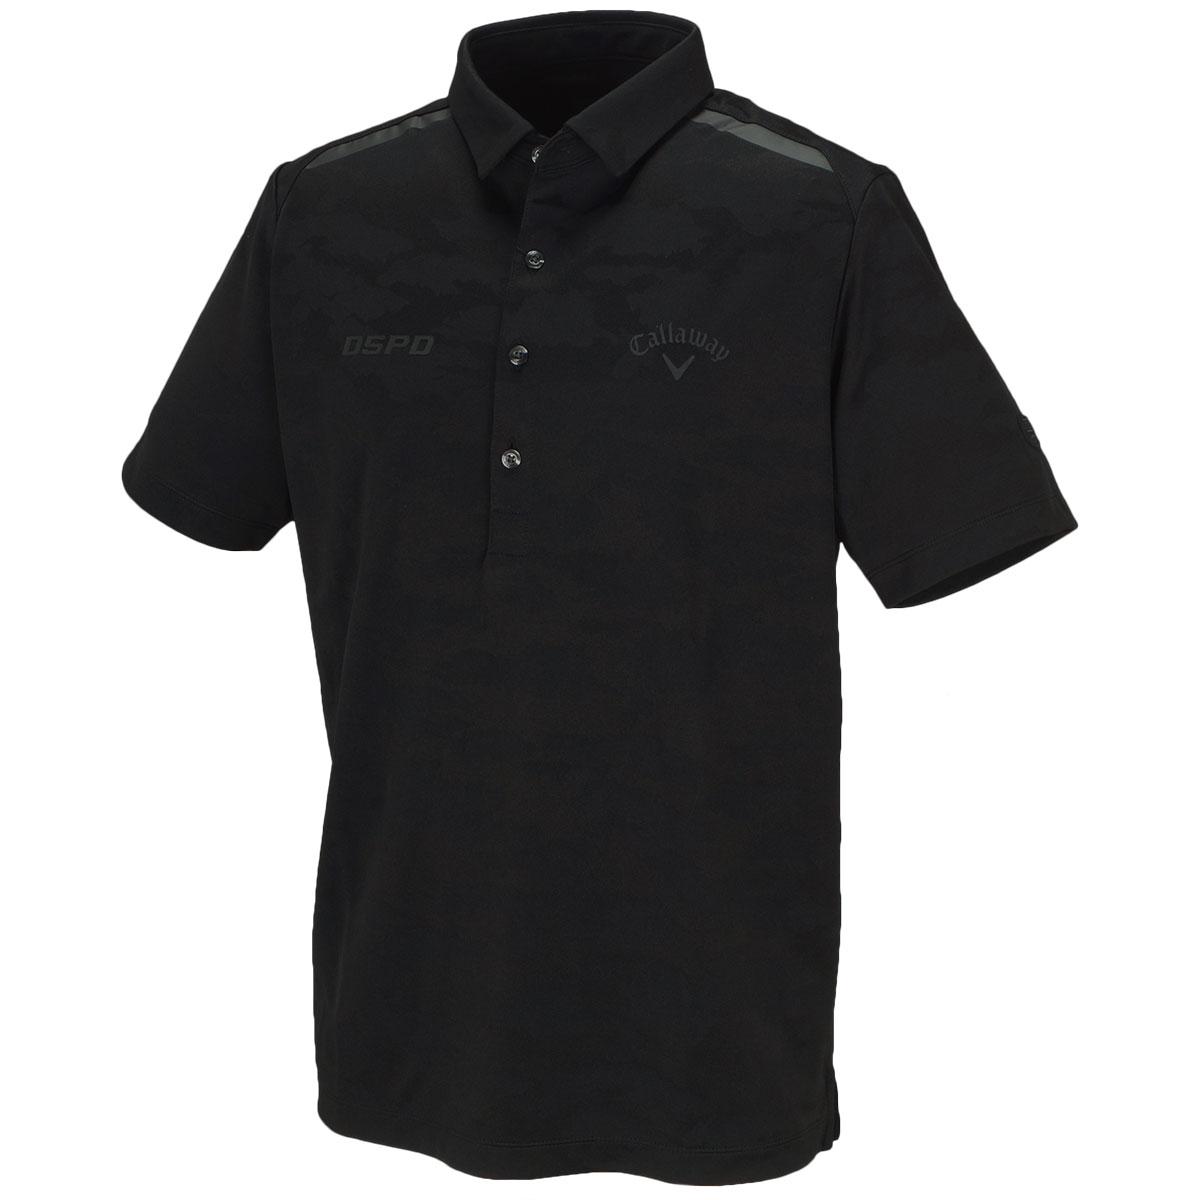 曇柄ジャカード 共襟ボックス半袖ポロシャツ